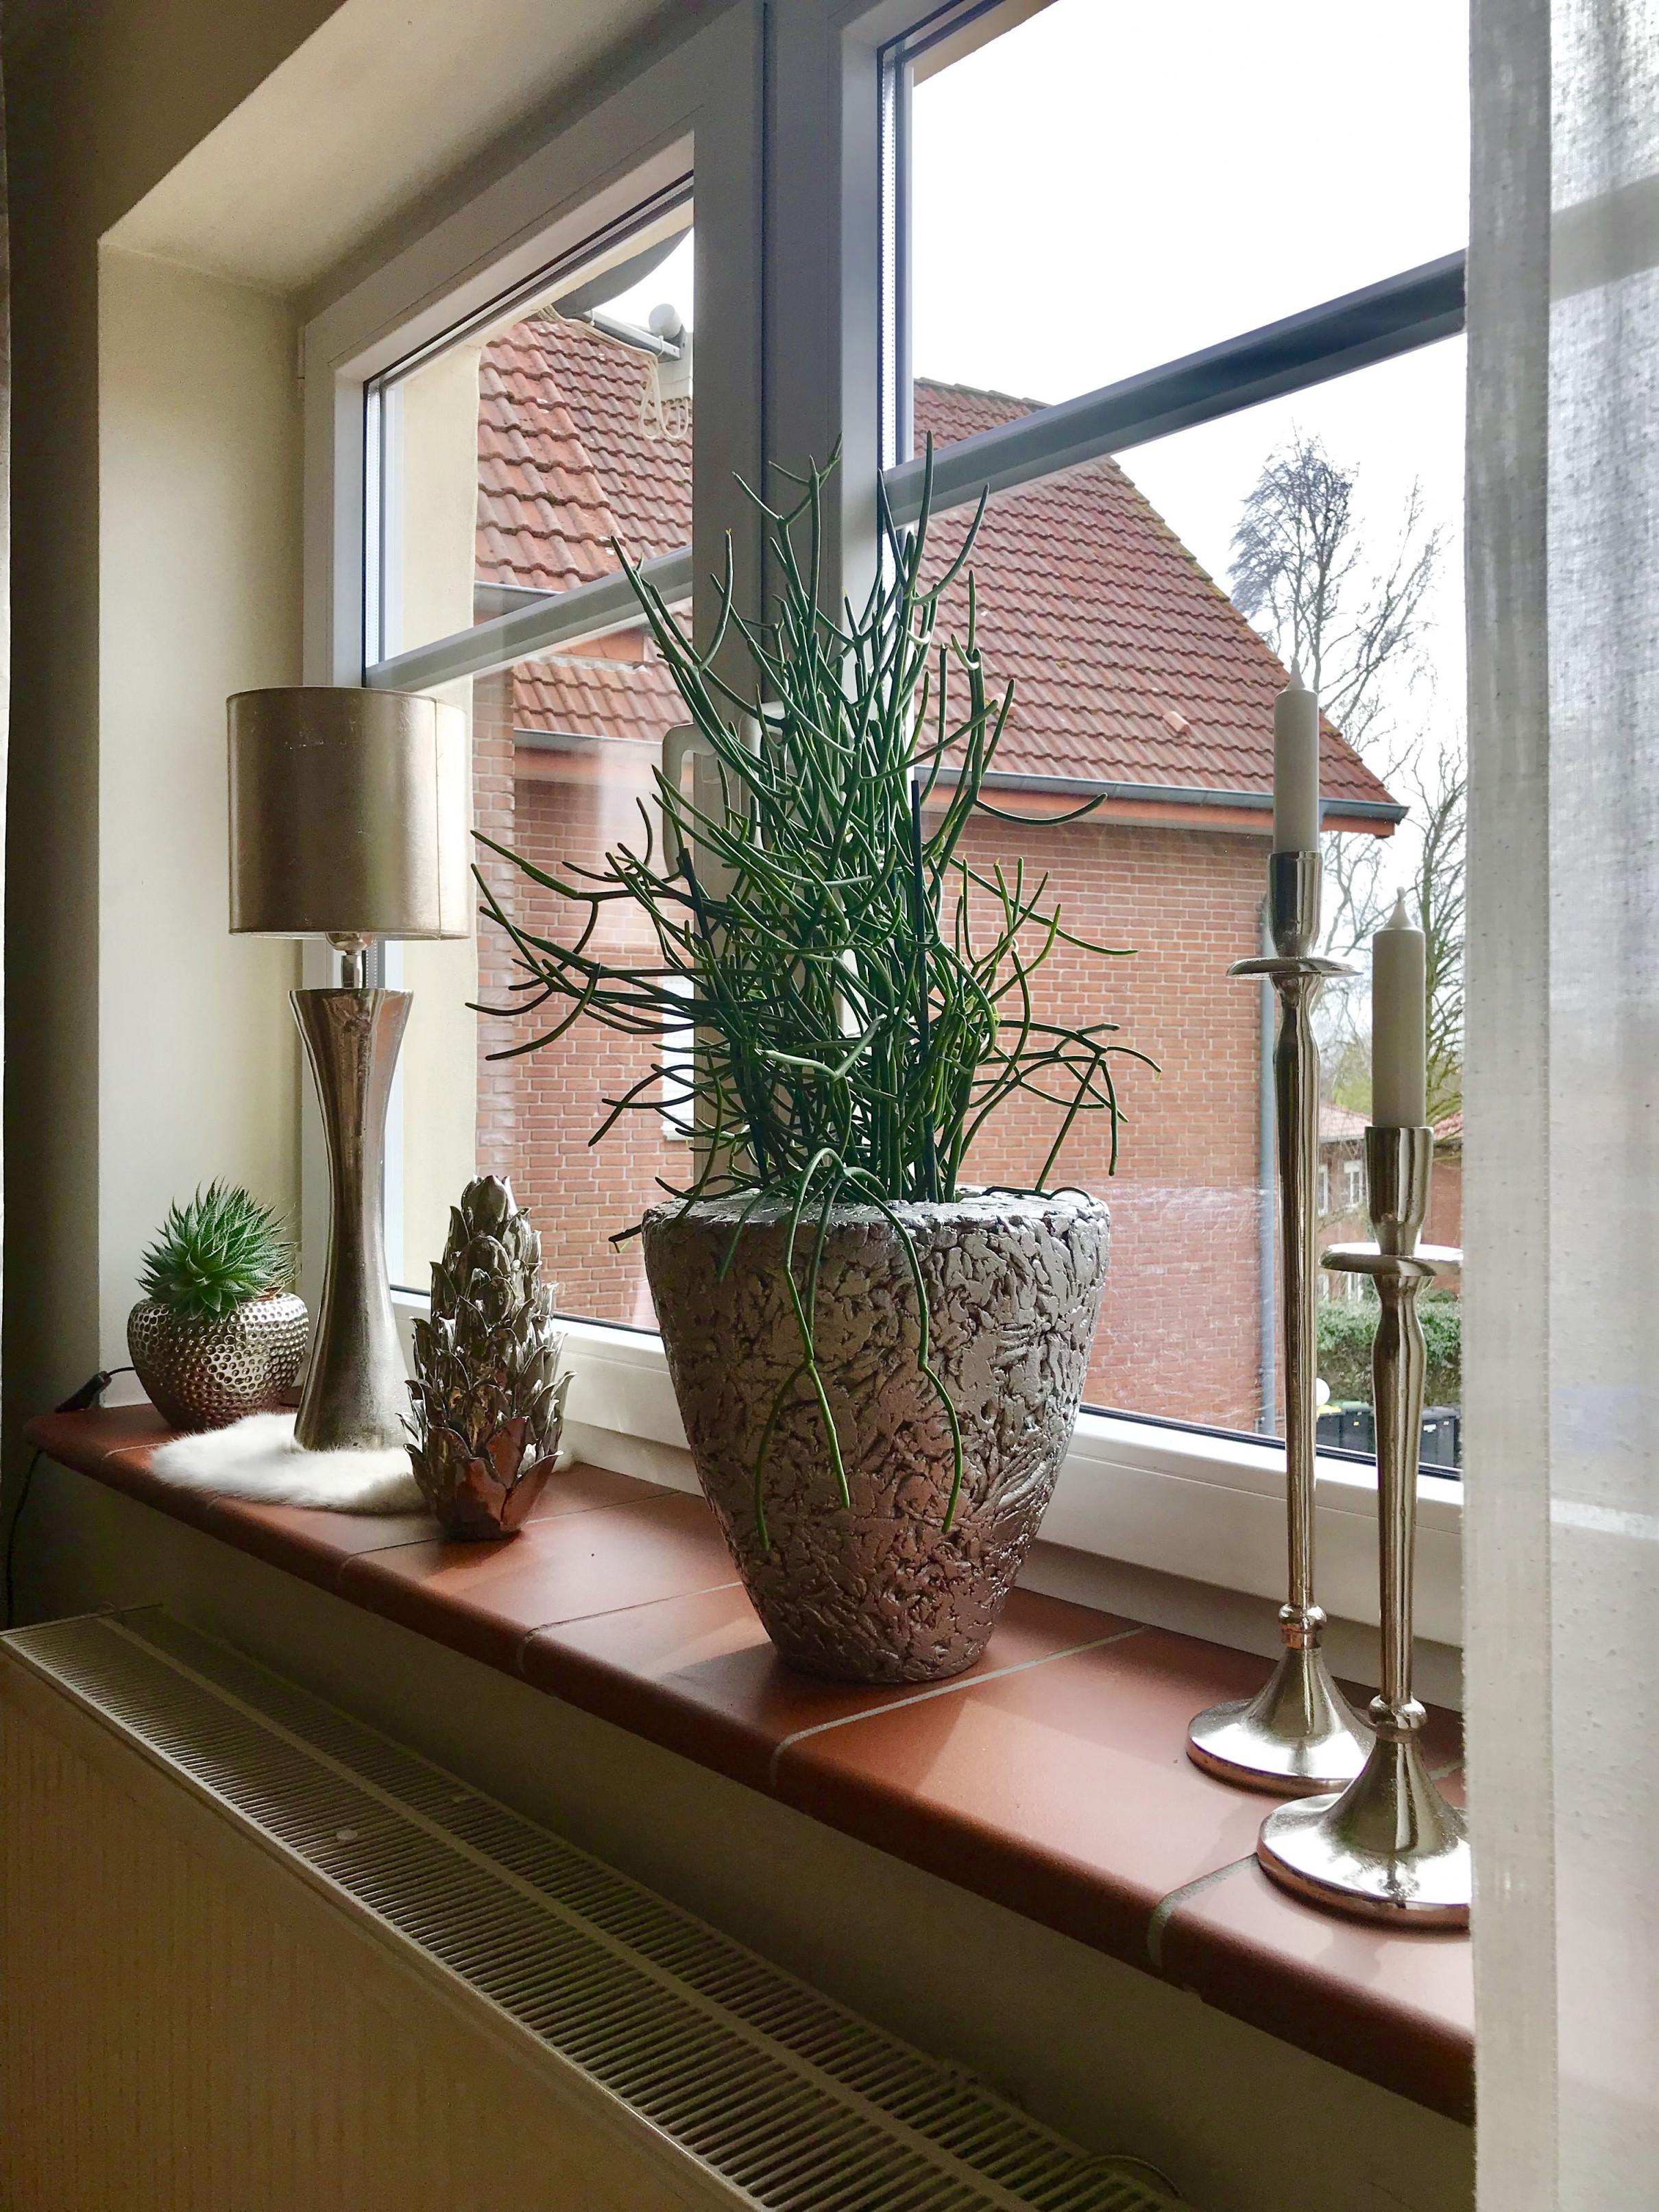 Fensterbank Schön Dekorieren  Fensterbank Dekorieren von Deko Wohnzimmer Fensterbank Photo